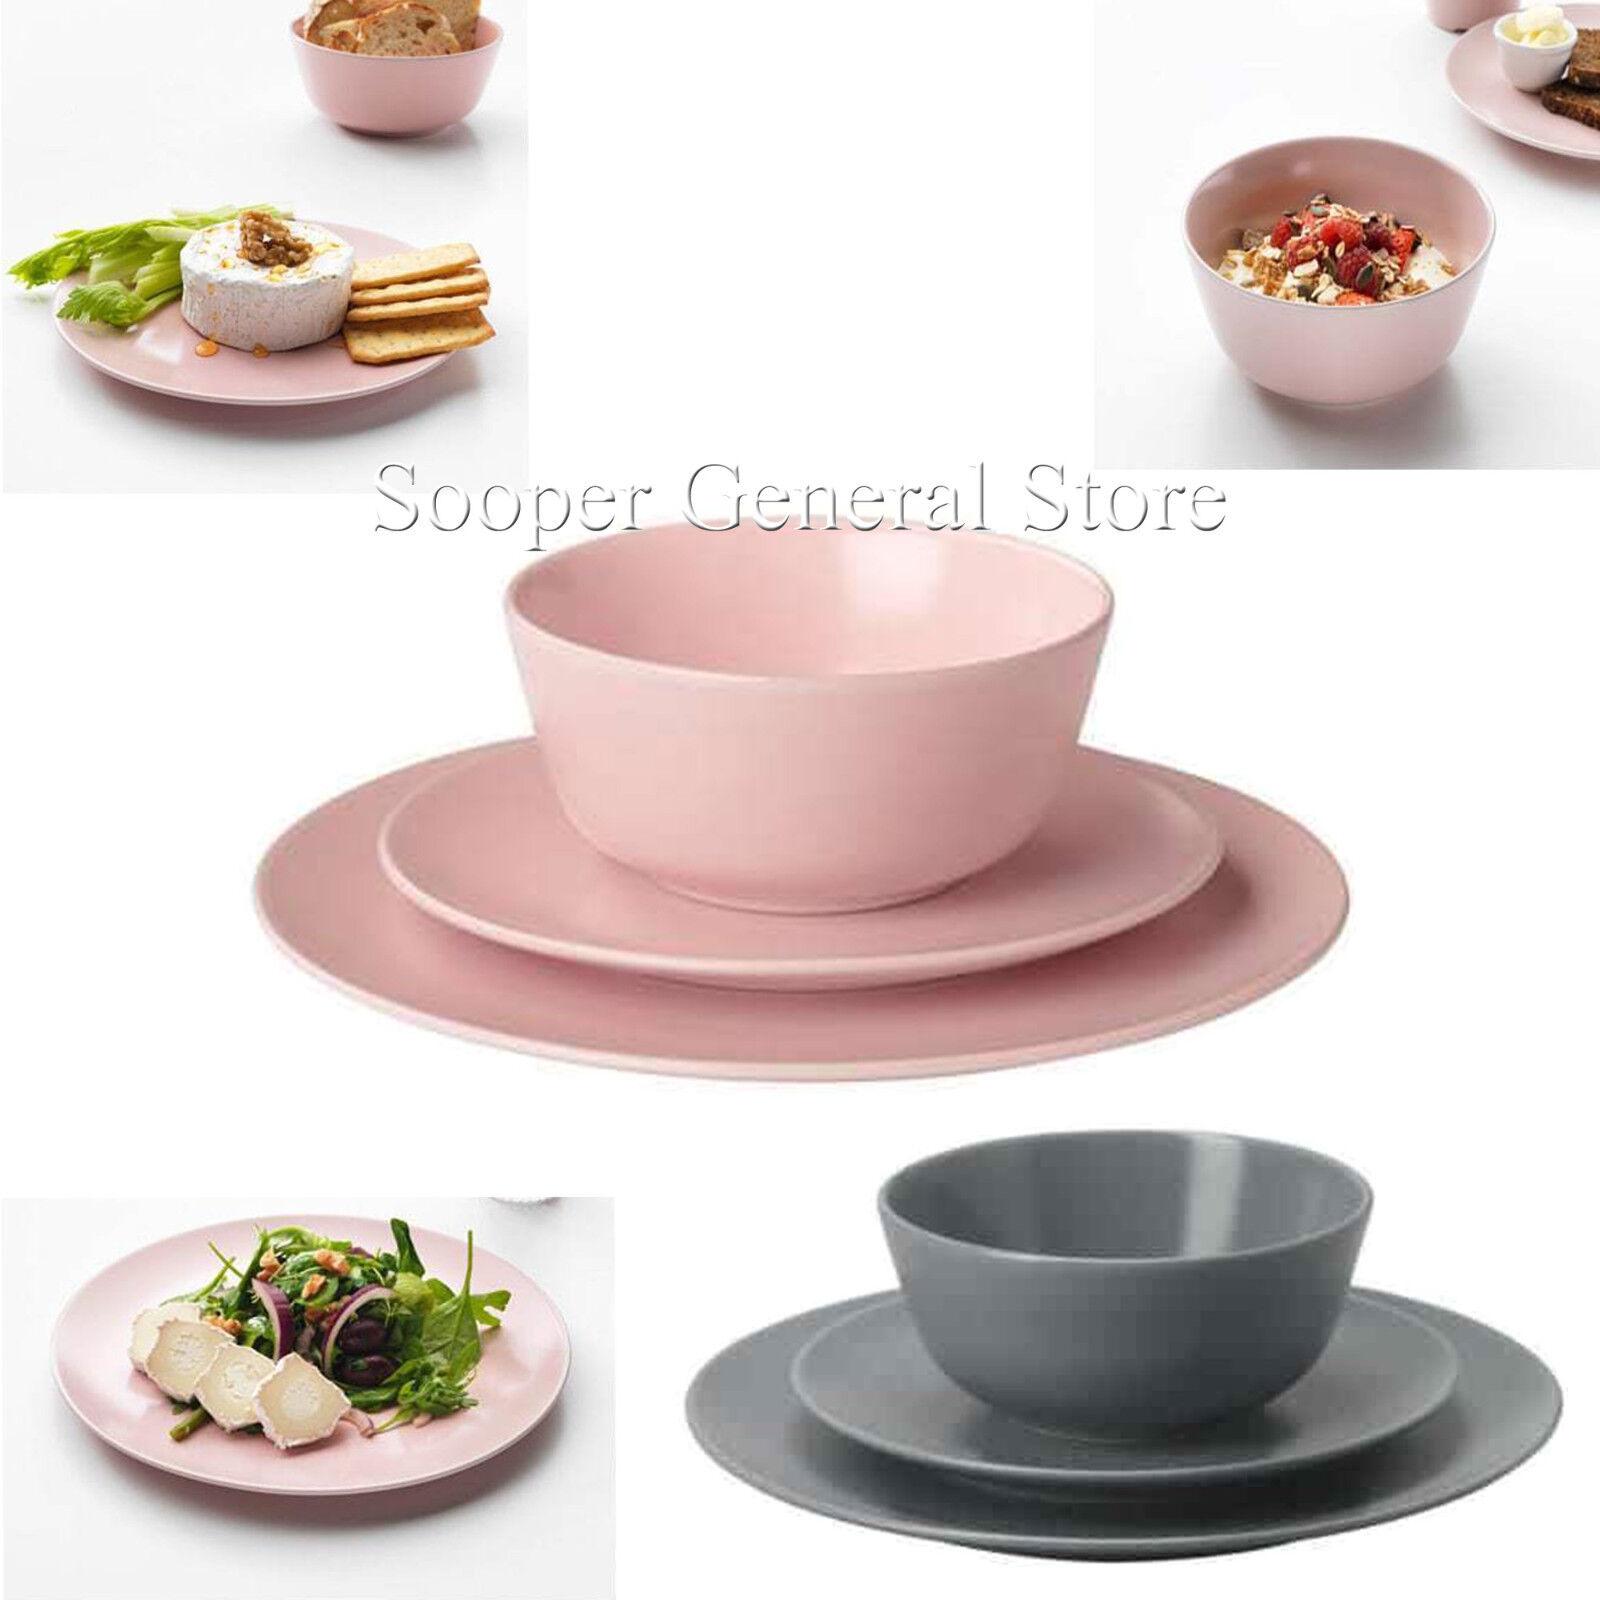 Stoviglie Set in Gres rosa Grigio Plain round serving piatti ciotole 18 12 PZ